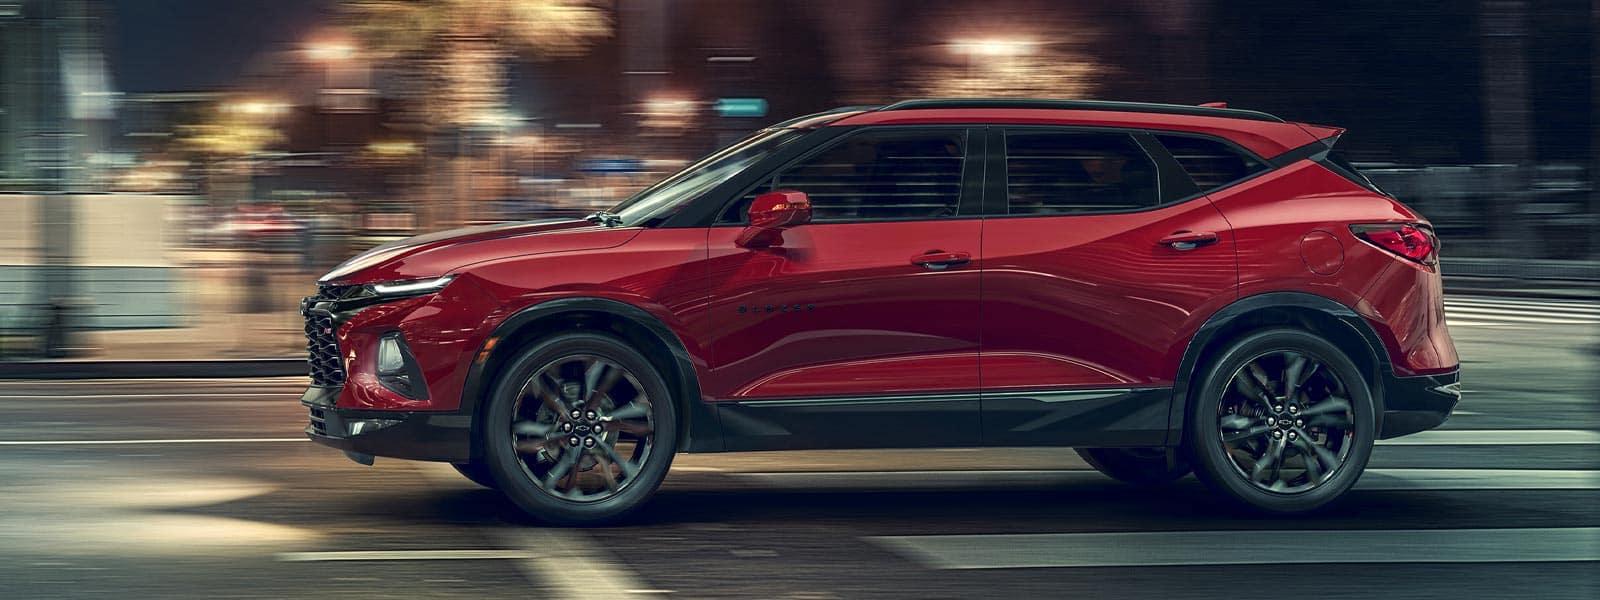 Lease or finance new Chevrolet Blazer in Regina SK